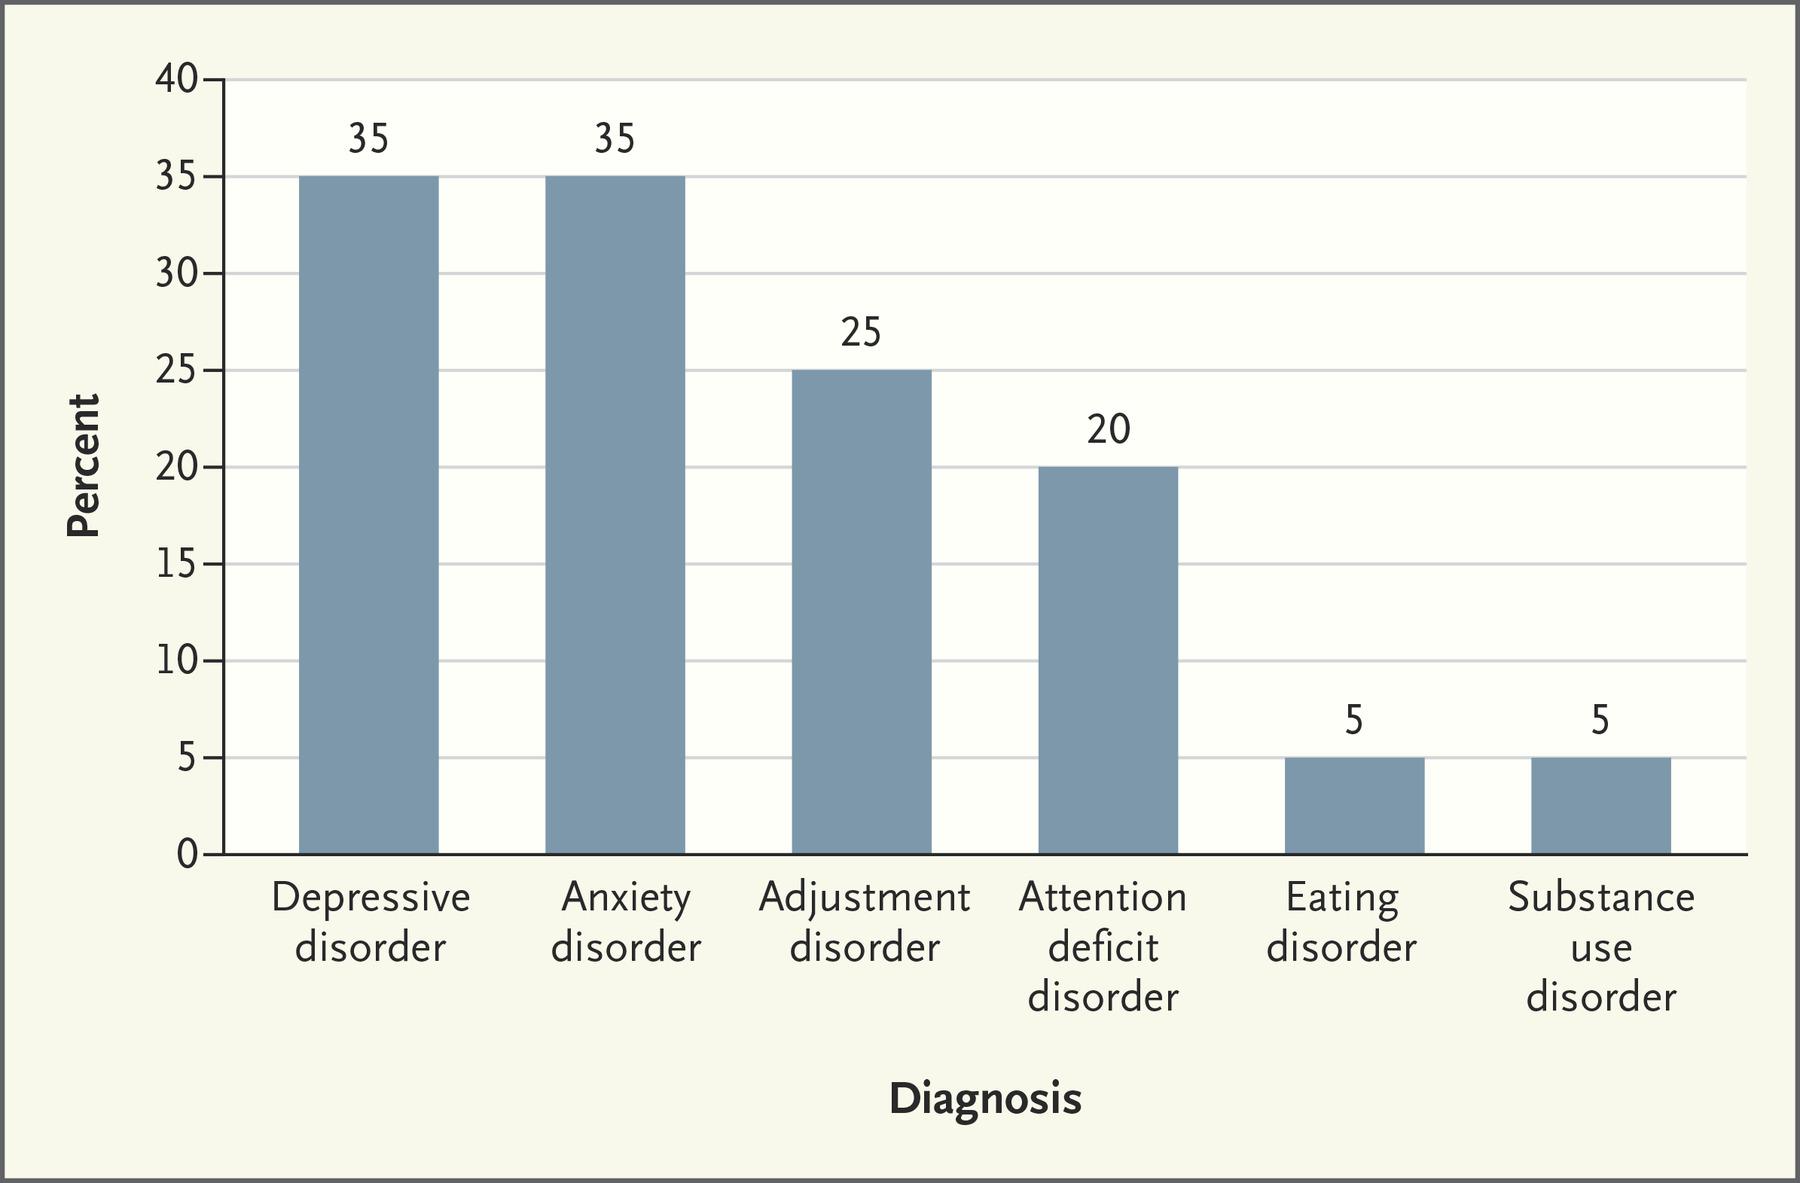 tabella studenti di medicina con depressione e burnoutnejmp1803970_f1.jpeg